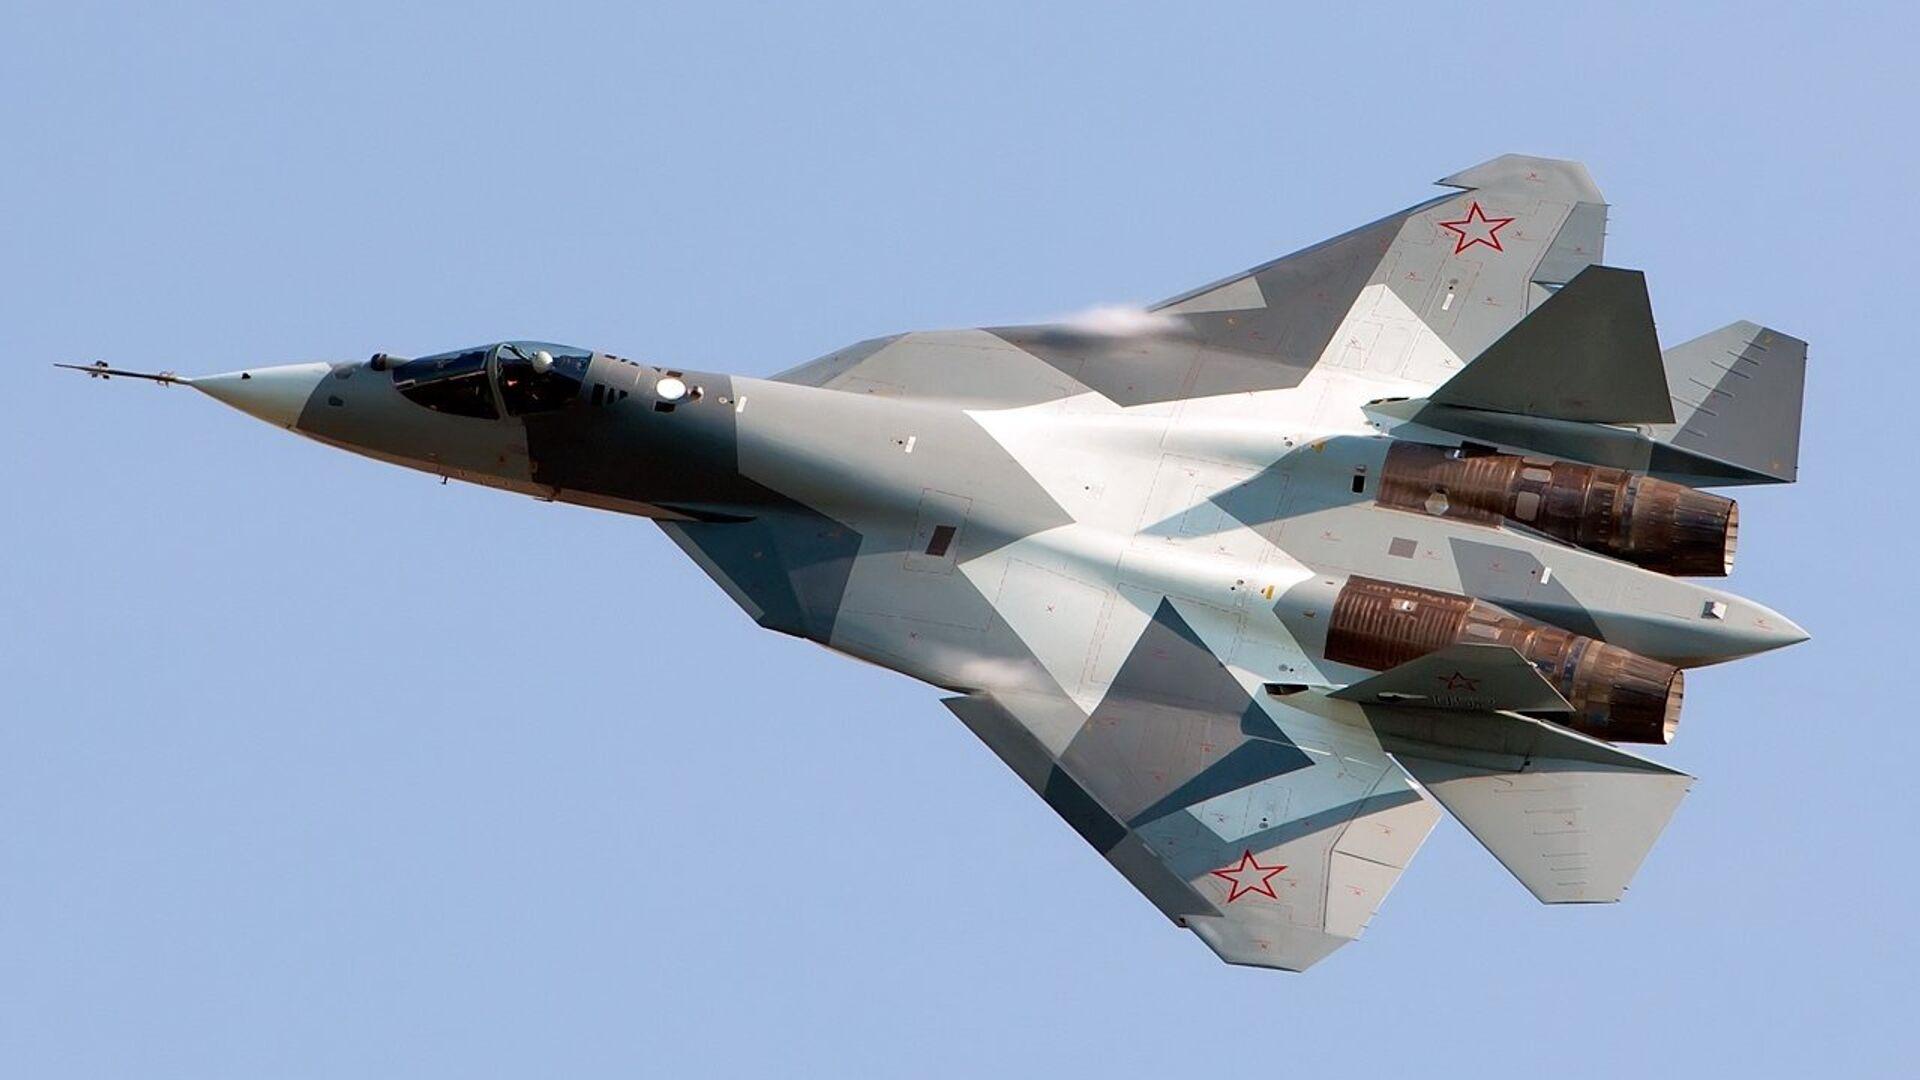 Российский многофункциональный истребитель пятого поколения Су-57 - РИА Новости, 1920, 05.07.2020